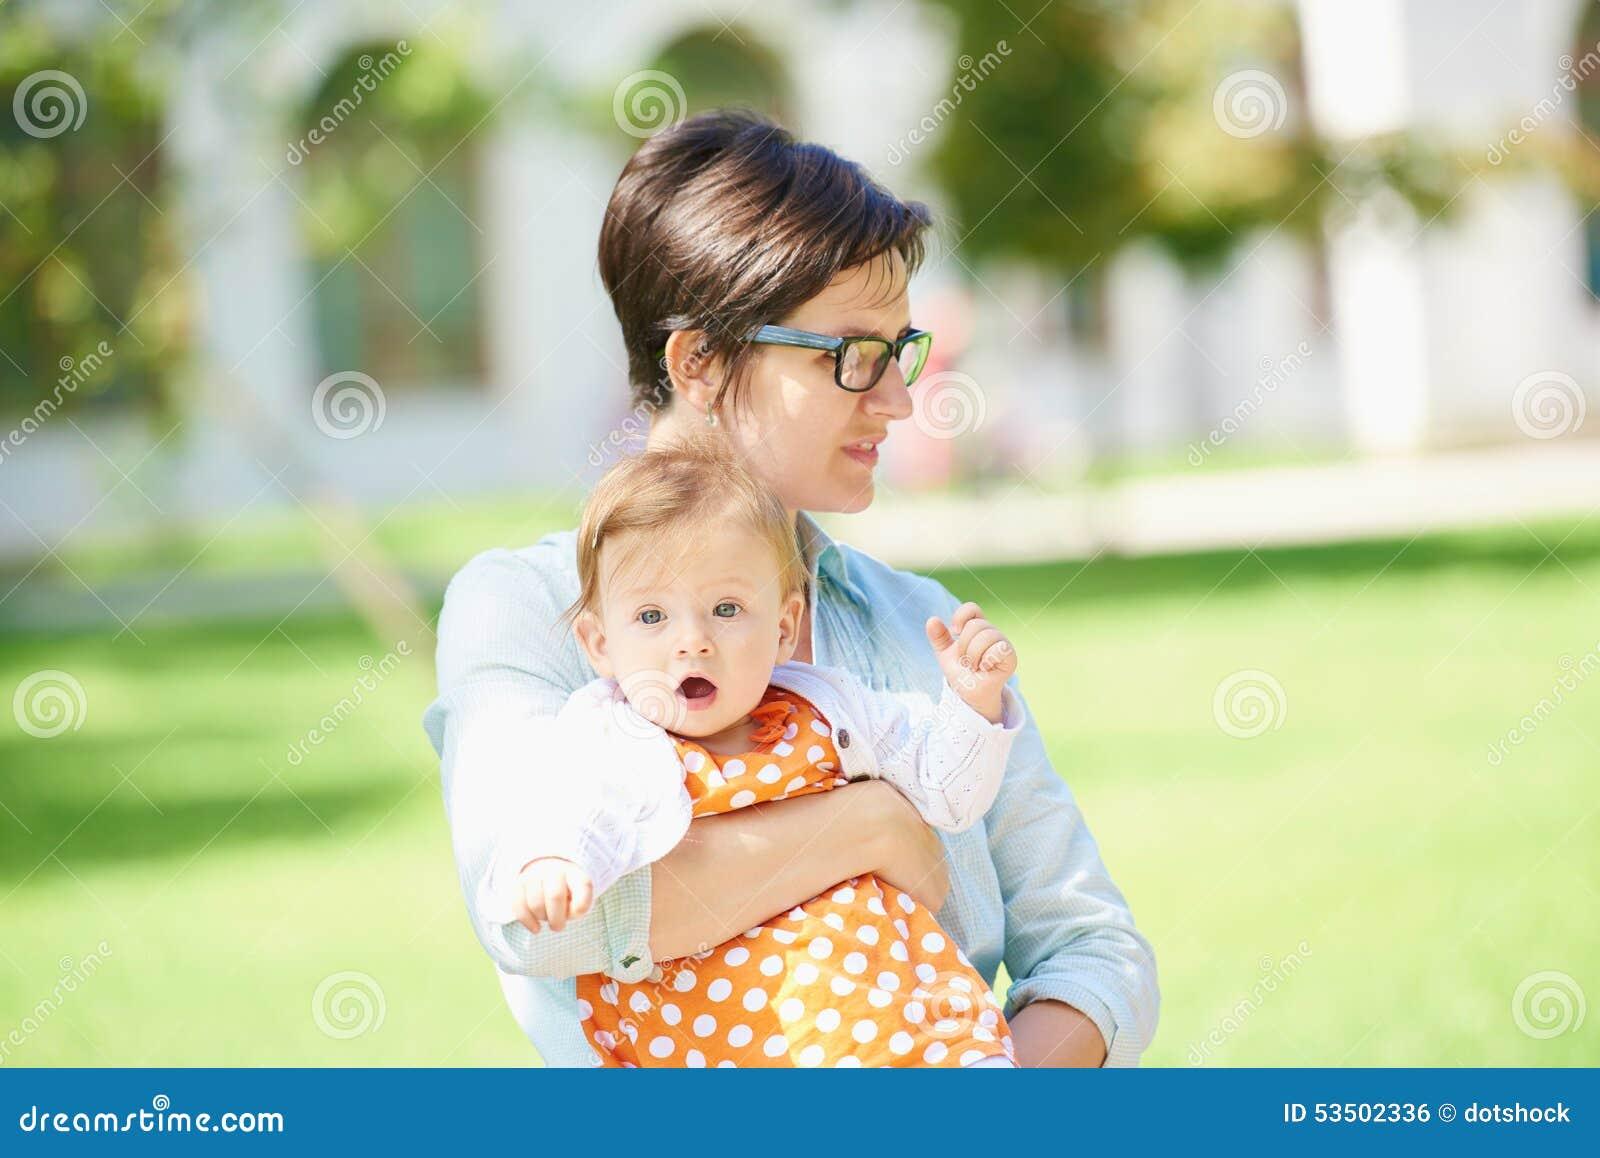 妈妈和婴孩本质上